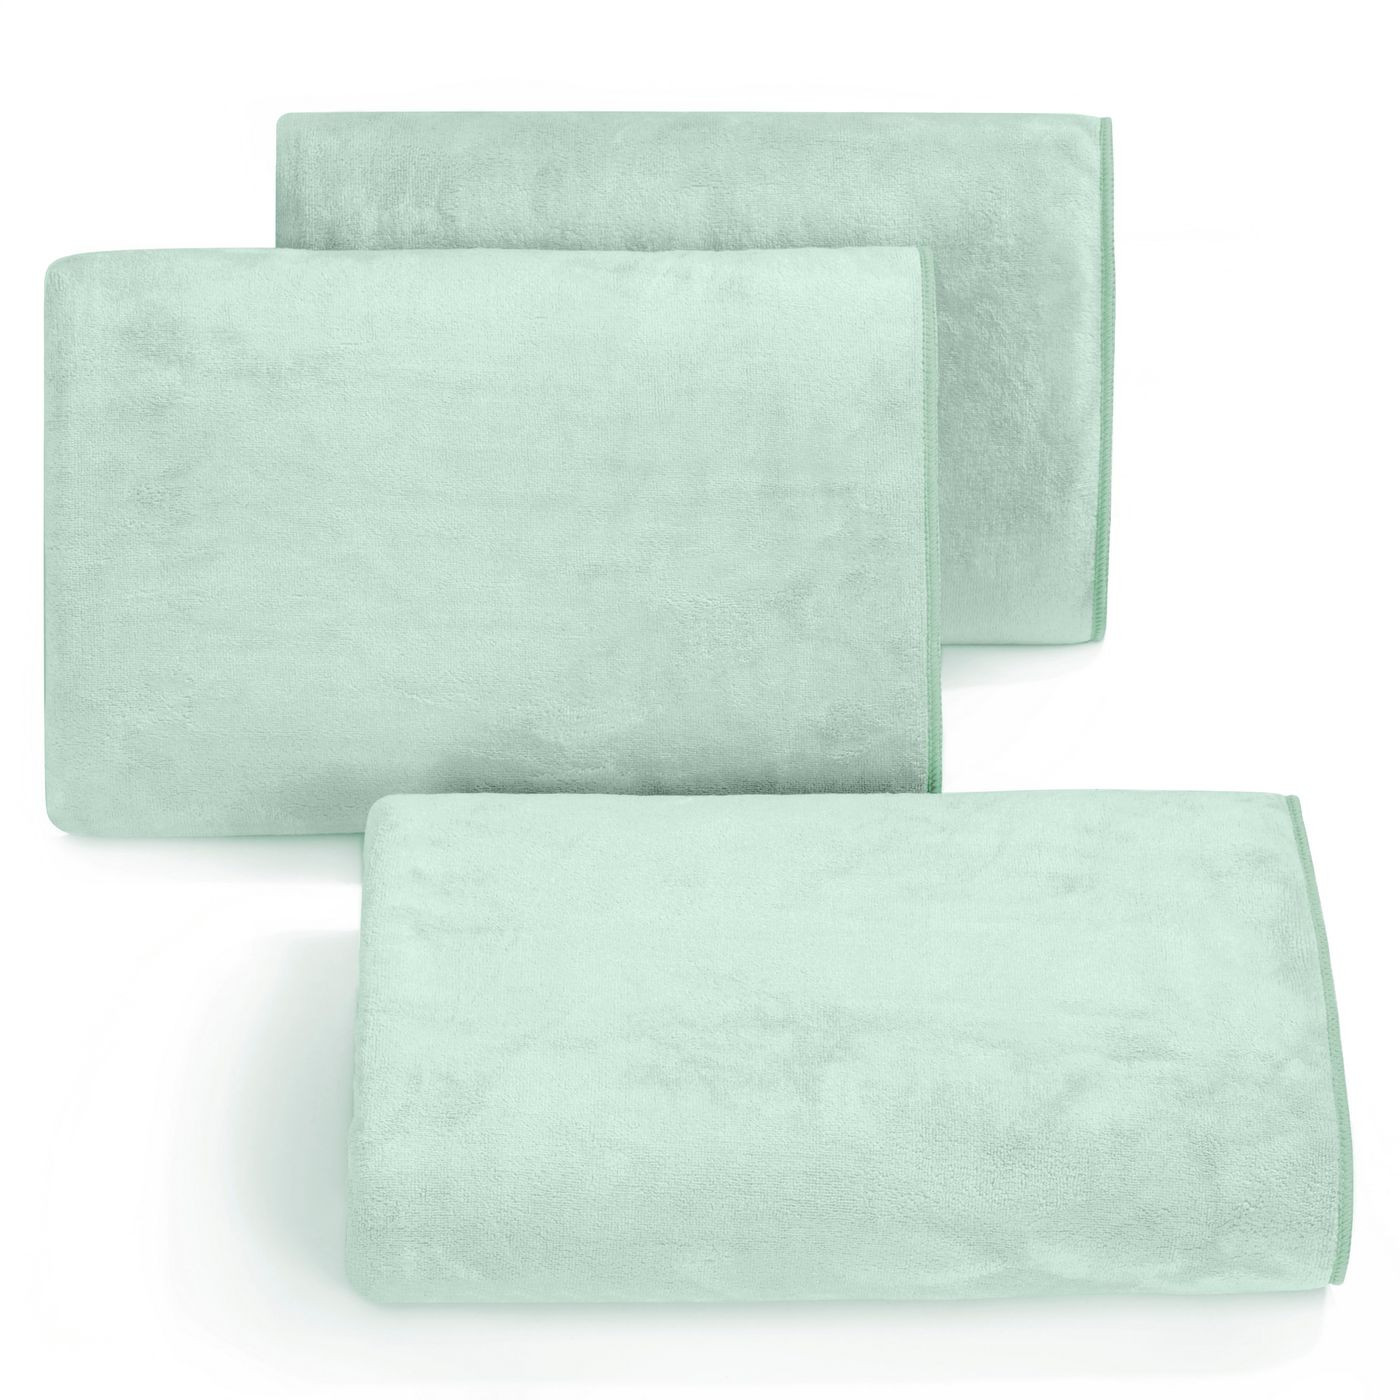 Ręcznik z mikrofibry szybkoschnący miętowy 50x90cm